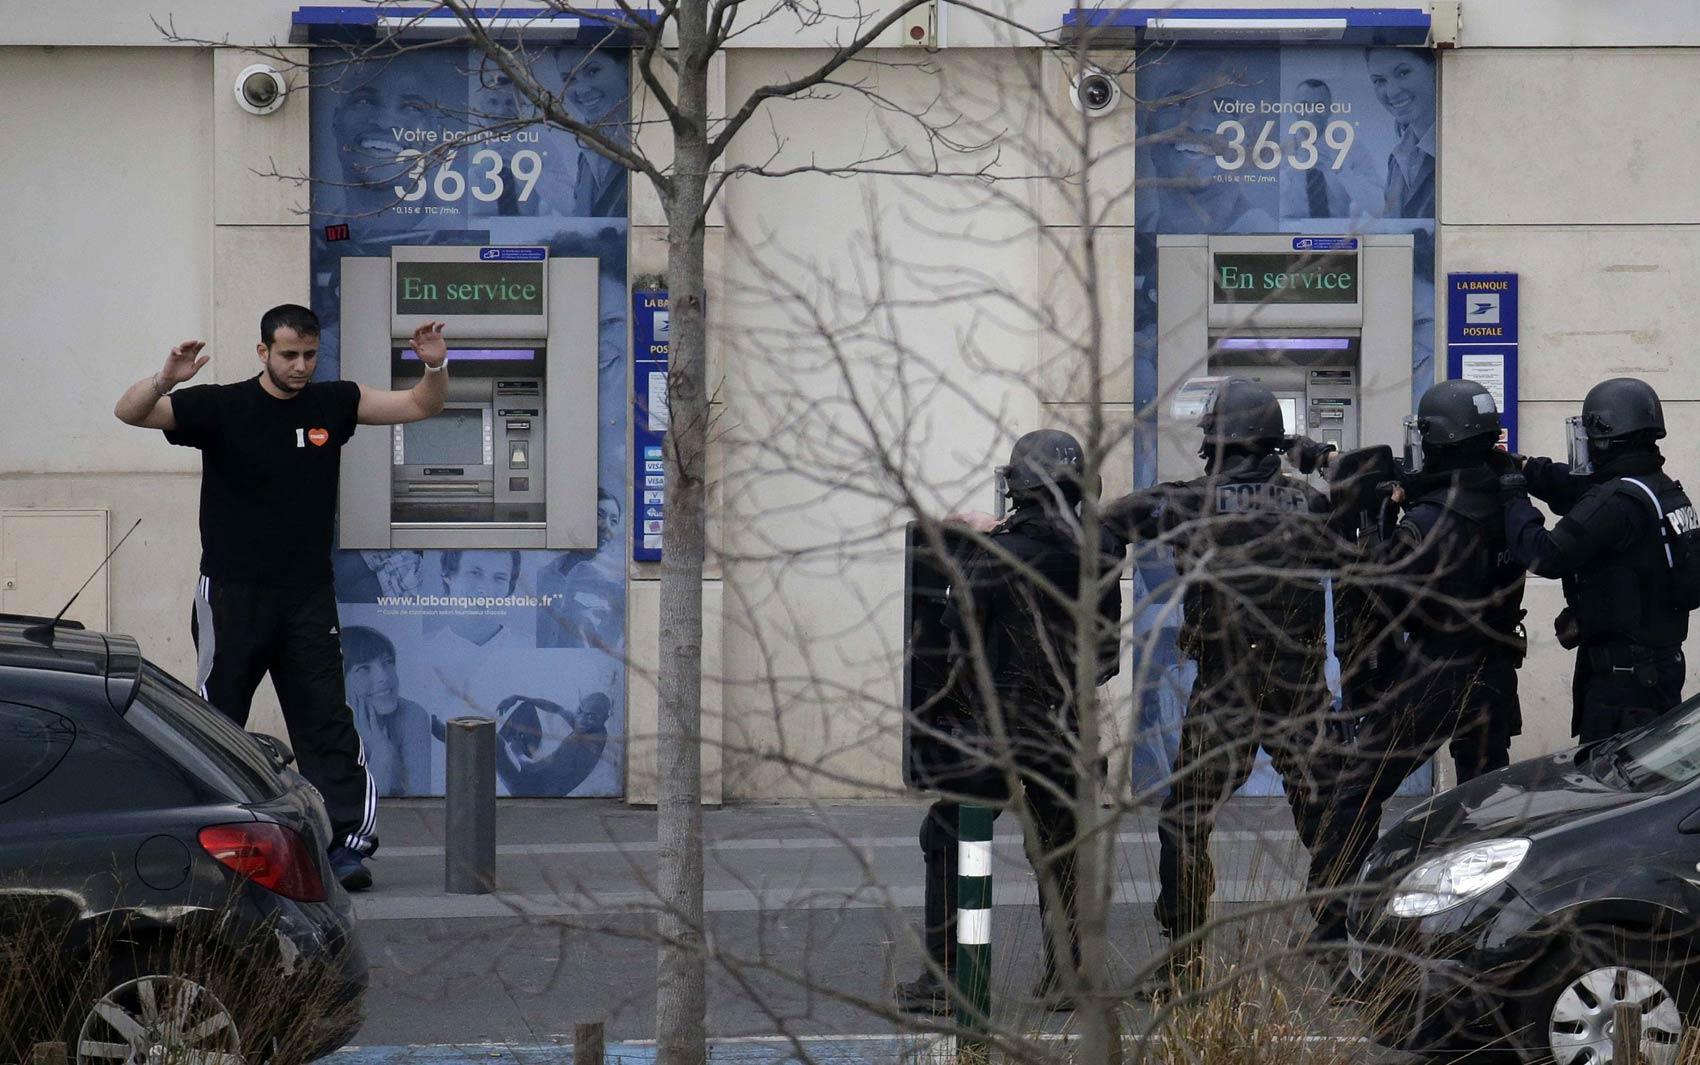 16/1 - Suspeito se rende a policiais em frente a posto do correio francês após fazer reféns em Colombes, perto de Paris